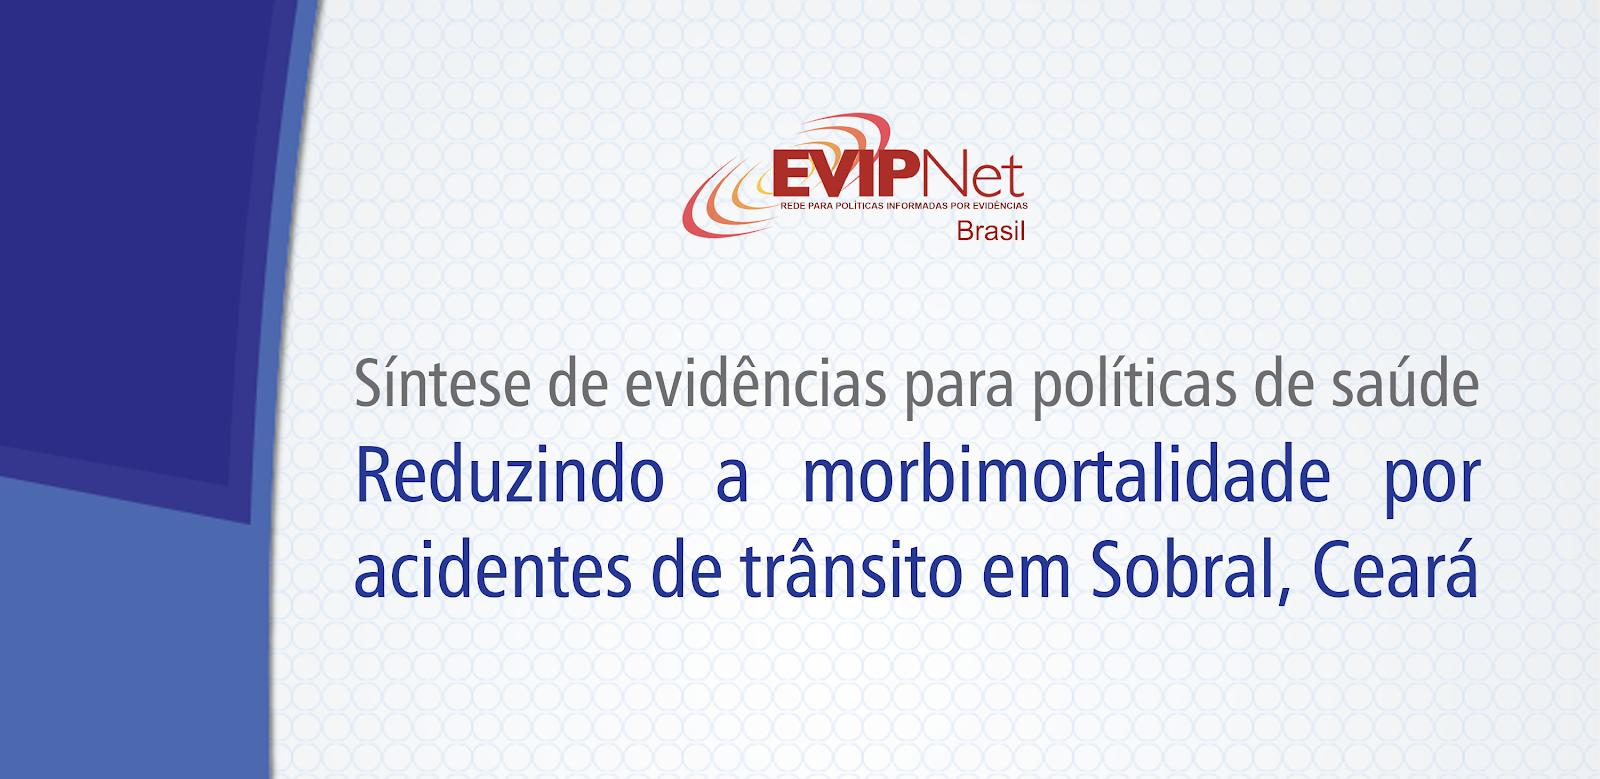 Síntese de evidências para políticas de saúde